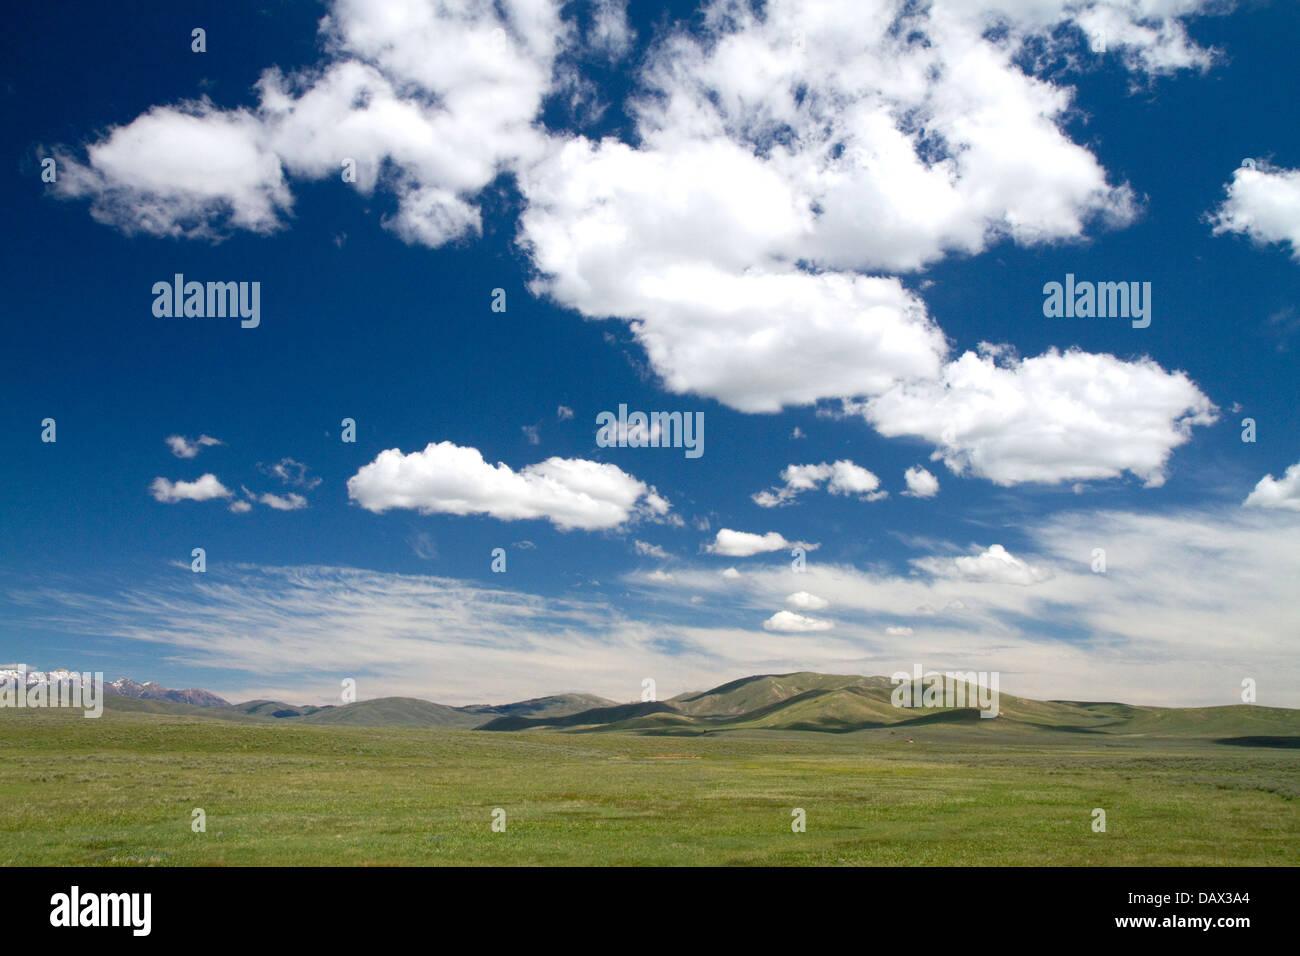 Cumulus-Wolken und blauer Himmel über grüne Felder in der Nähe von Kiefern, Idaho, USA. Stockbild